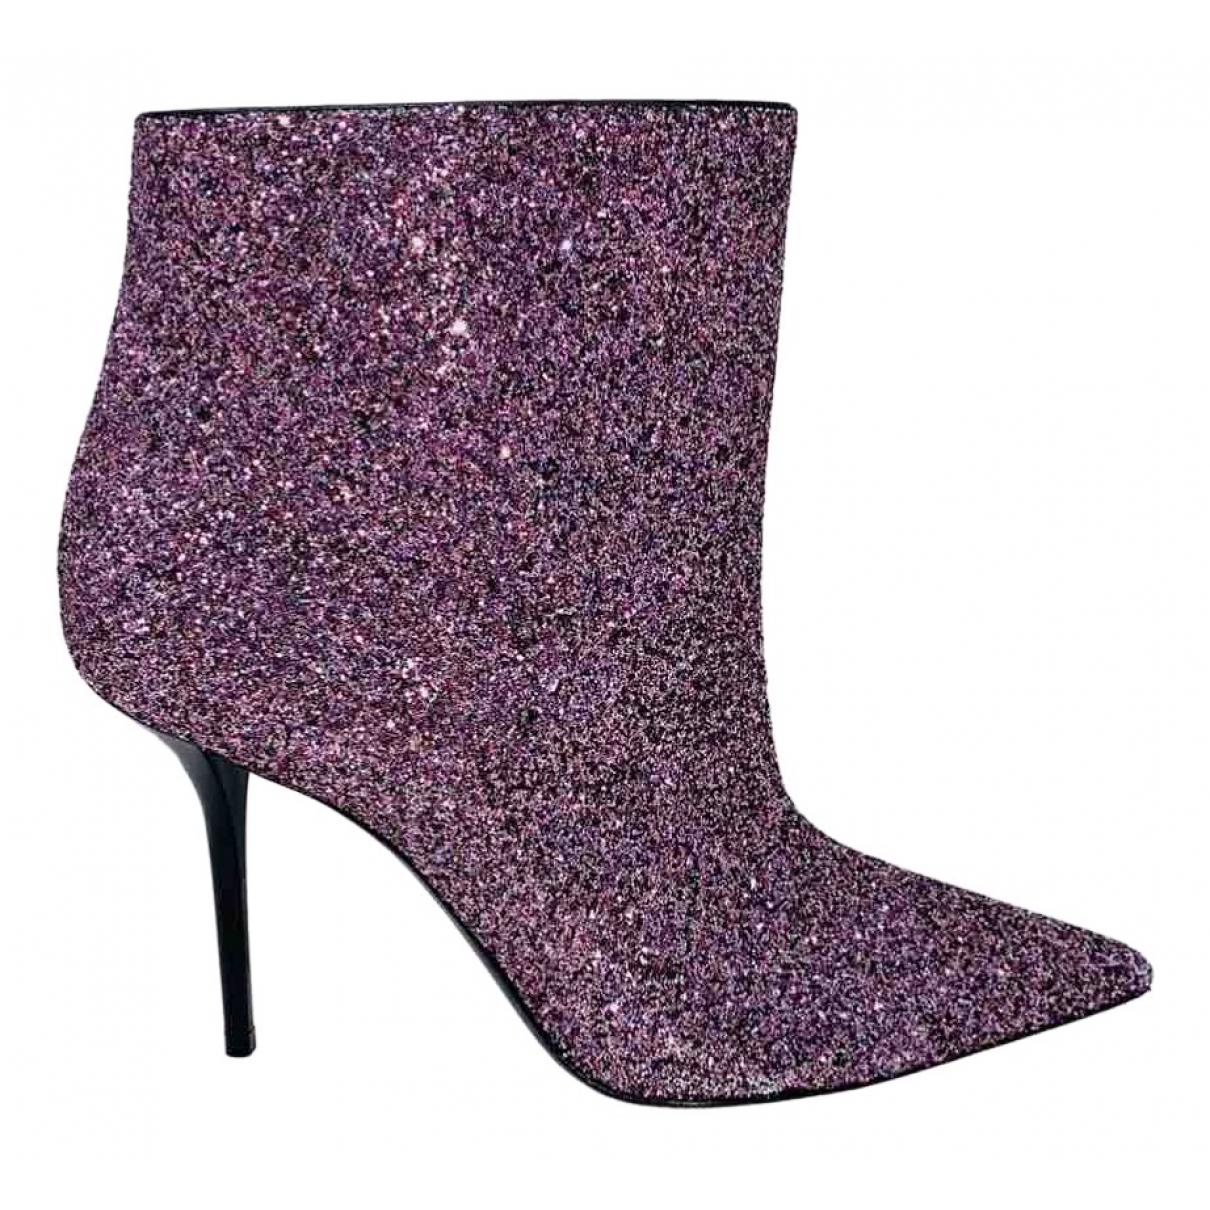 Saint Laurent - Boots   pour femme en cuir - violet